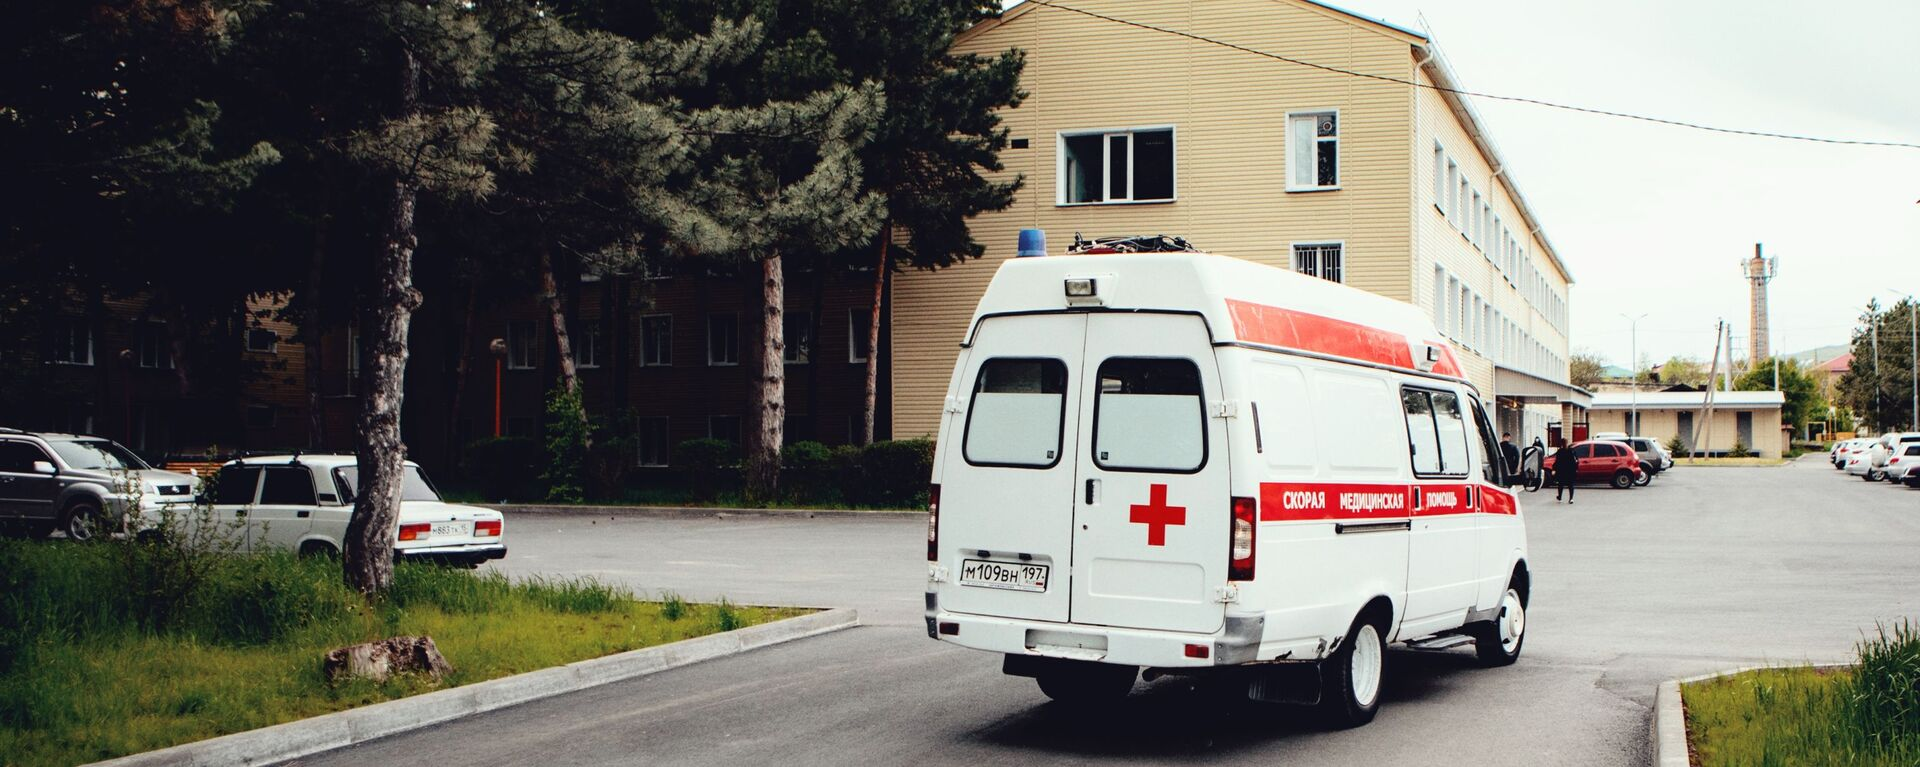 Больница г.Цхинвал - Sputnik Южная Осетия, 1920, 12.10.2021